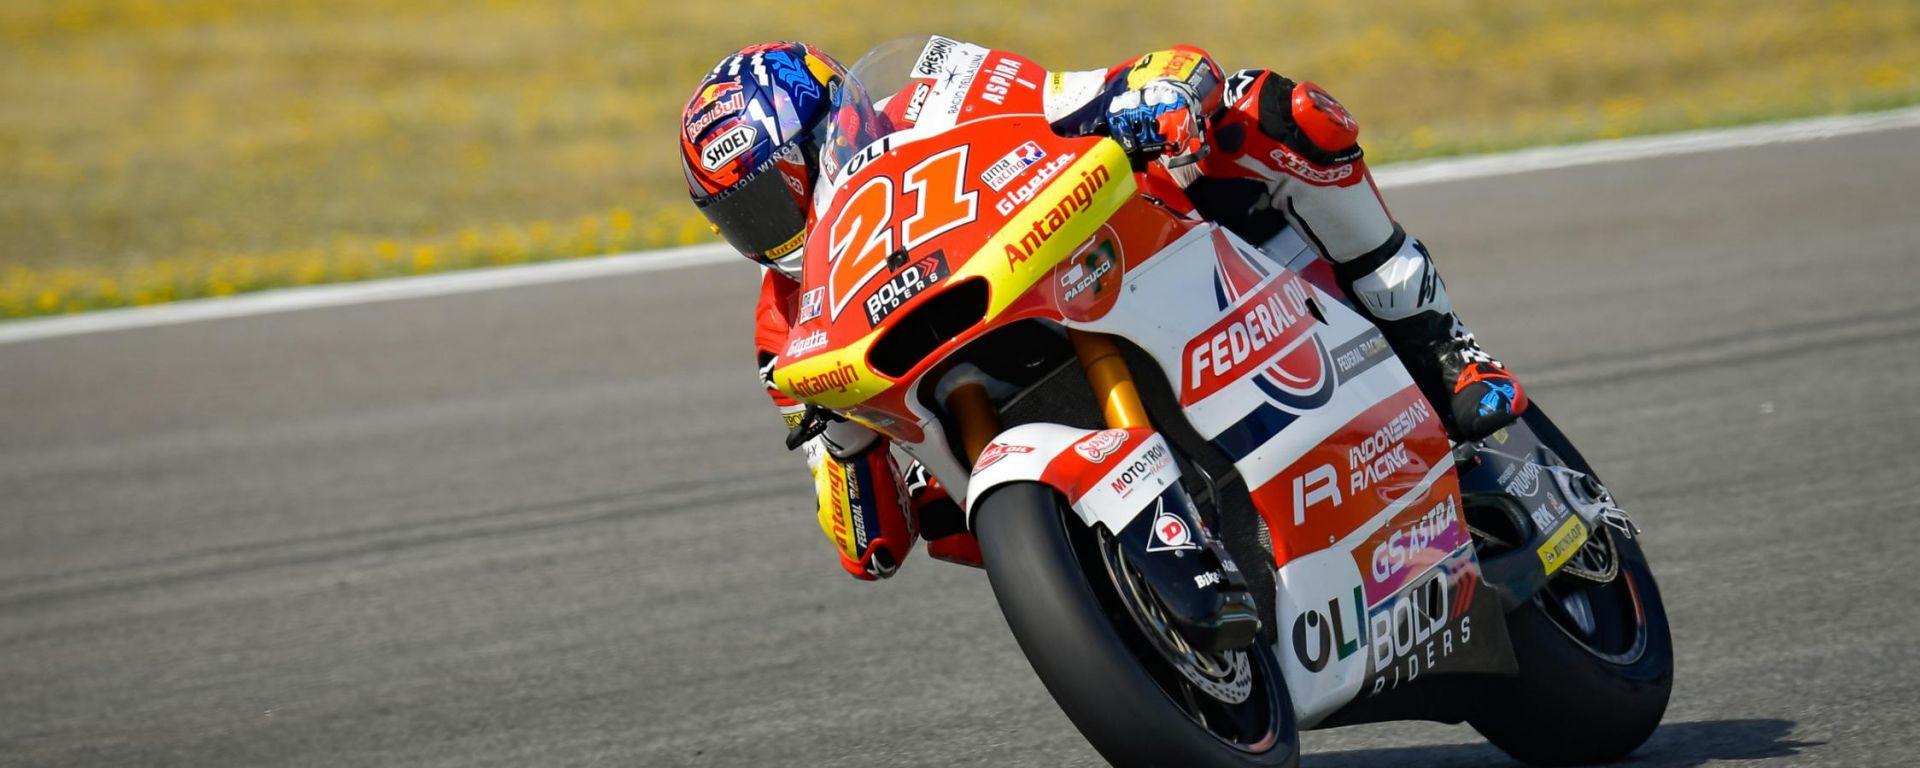 Moto2 Spagna 2021, Jerez: Fabio Di Giannantonio (Kalex, Federal Oil Gresini Moto2)